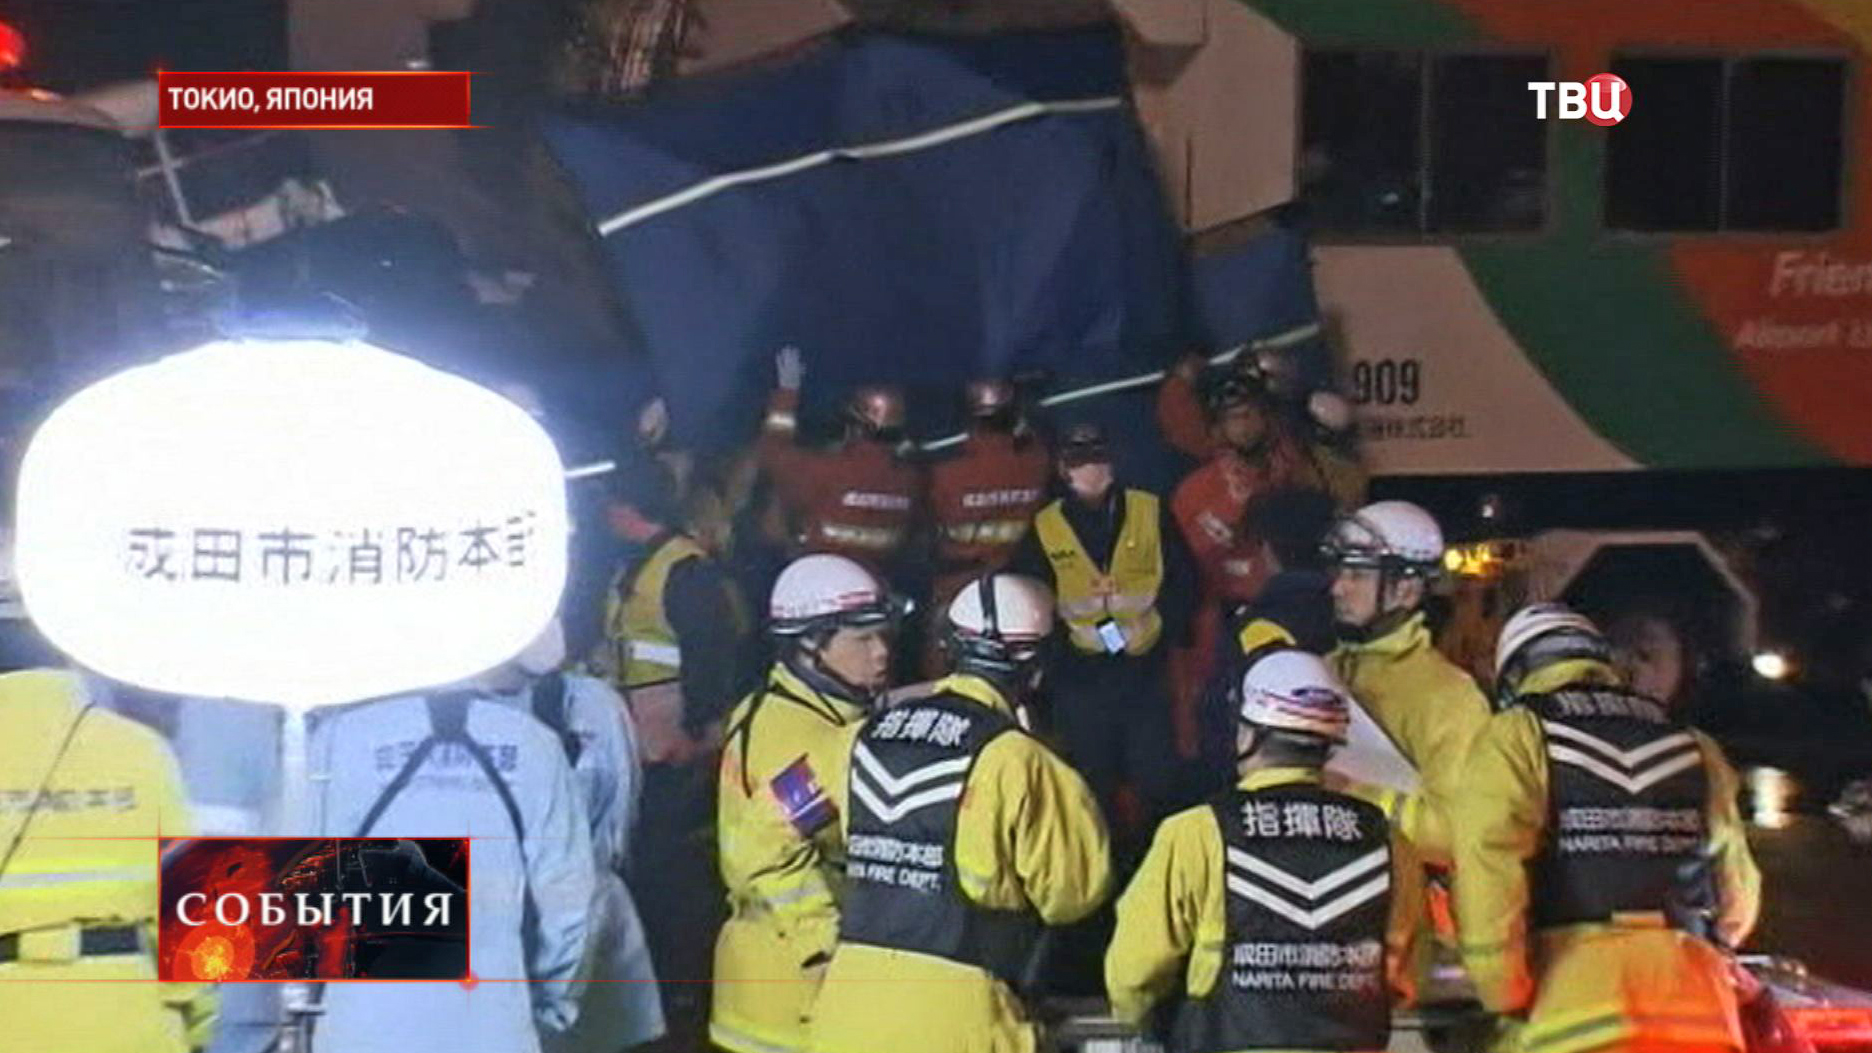 Медики оказывают помощь пострадавшим в Токио